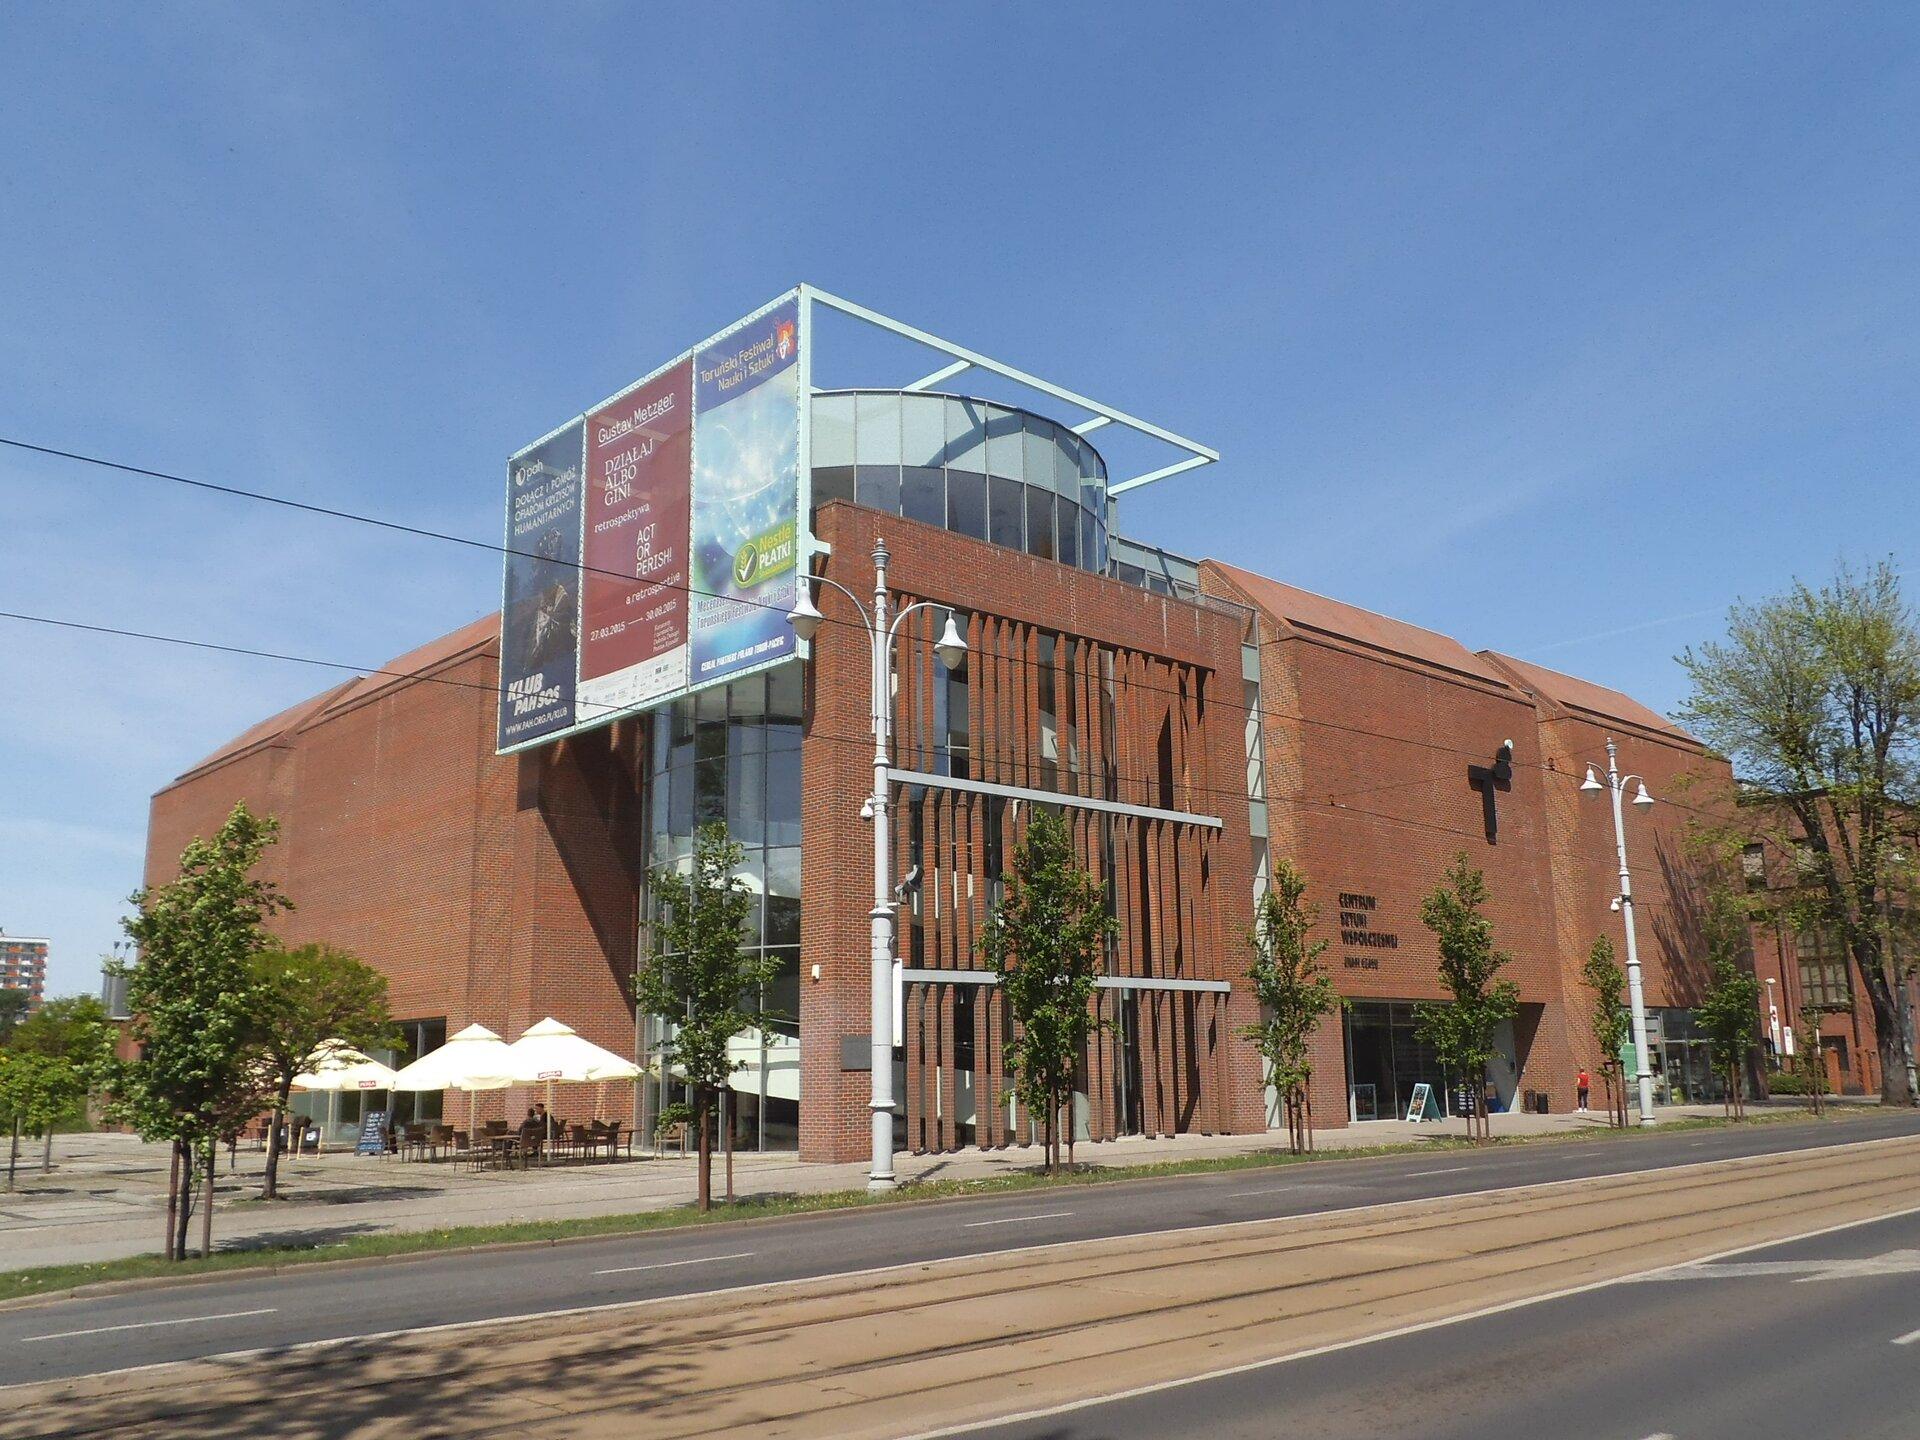 """Ilustracja przedstawia CSW """"Znaki Czasu"""" wToruniu - widok zzewnątrz. Budynek jest nowoczesny. Centralne wejście zbudowane zostało głównie ze szkła, nad którym znajdują się banery reklamowe. Budowla jest wkolorze brązowym, bez okien. Przed centrum sztuki znajdują ławki pod parasolami."""